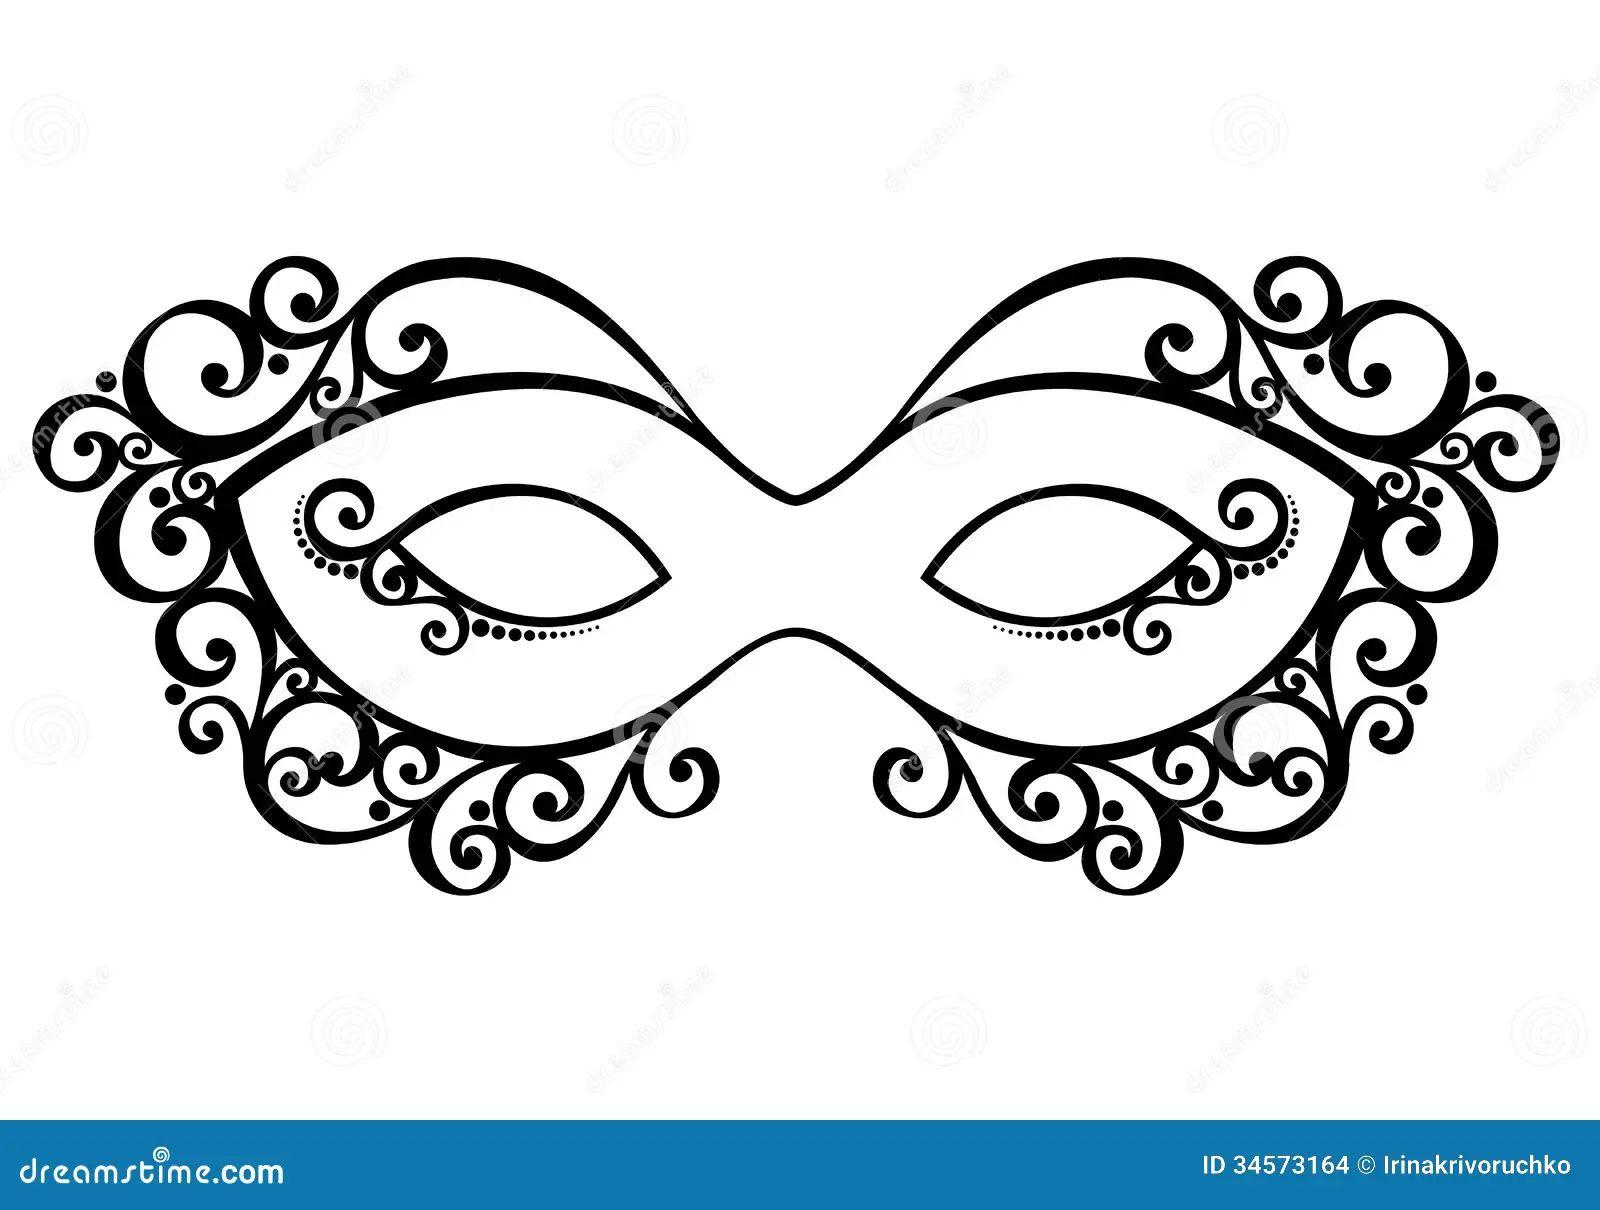 Kleurplaten Maskers Afrika.Spiderman Kleurplaat Masker Krijg Duizenden Kleurenfoto S Van De Beste